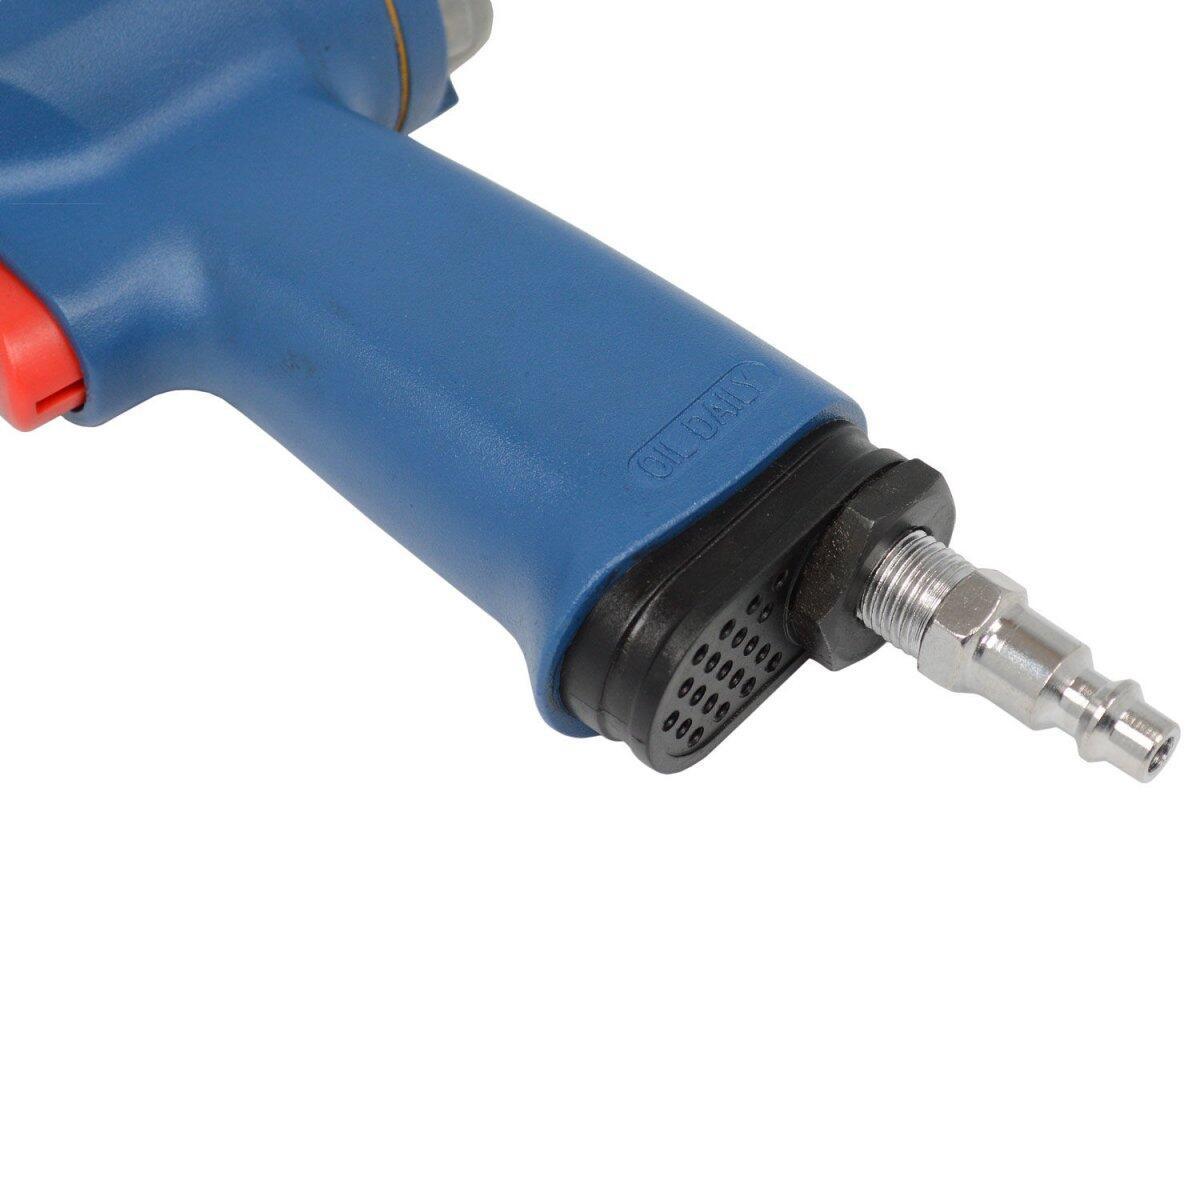 """Chave de Impacto Pneumática Mini 1/2"""" 55Kgfm Pro-100 Ldr-Pro"""